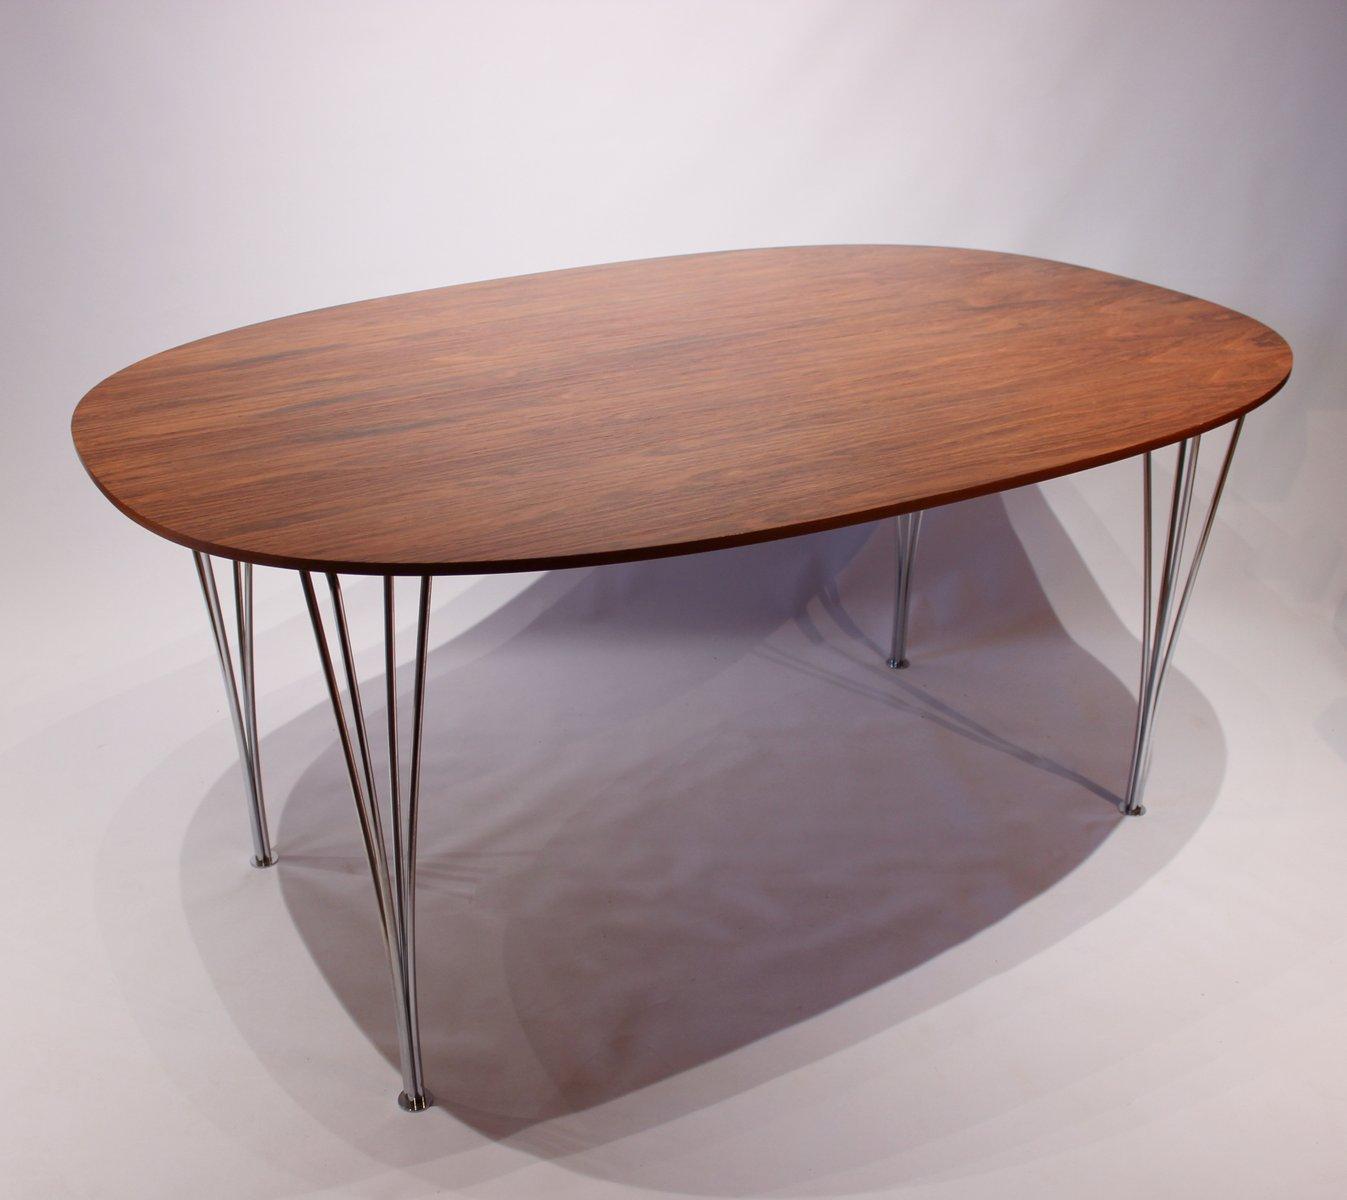 super ellipse tisch aus palisander von piet hein arne. Black Bedroom Furniture Sets. Home Design Ideas